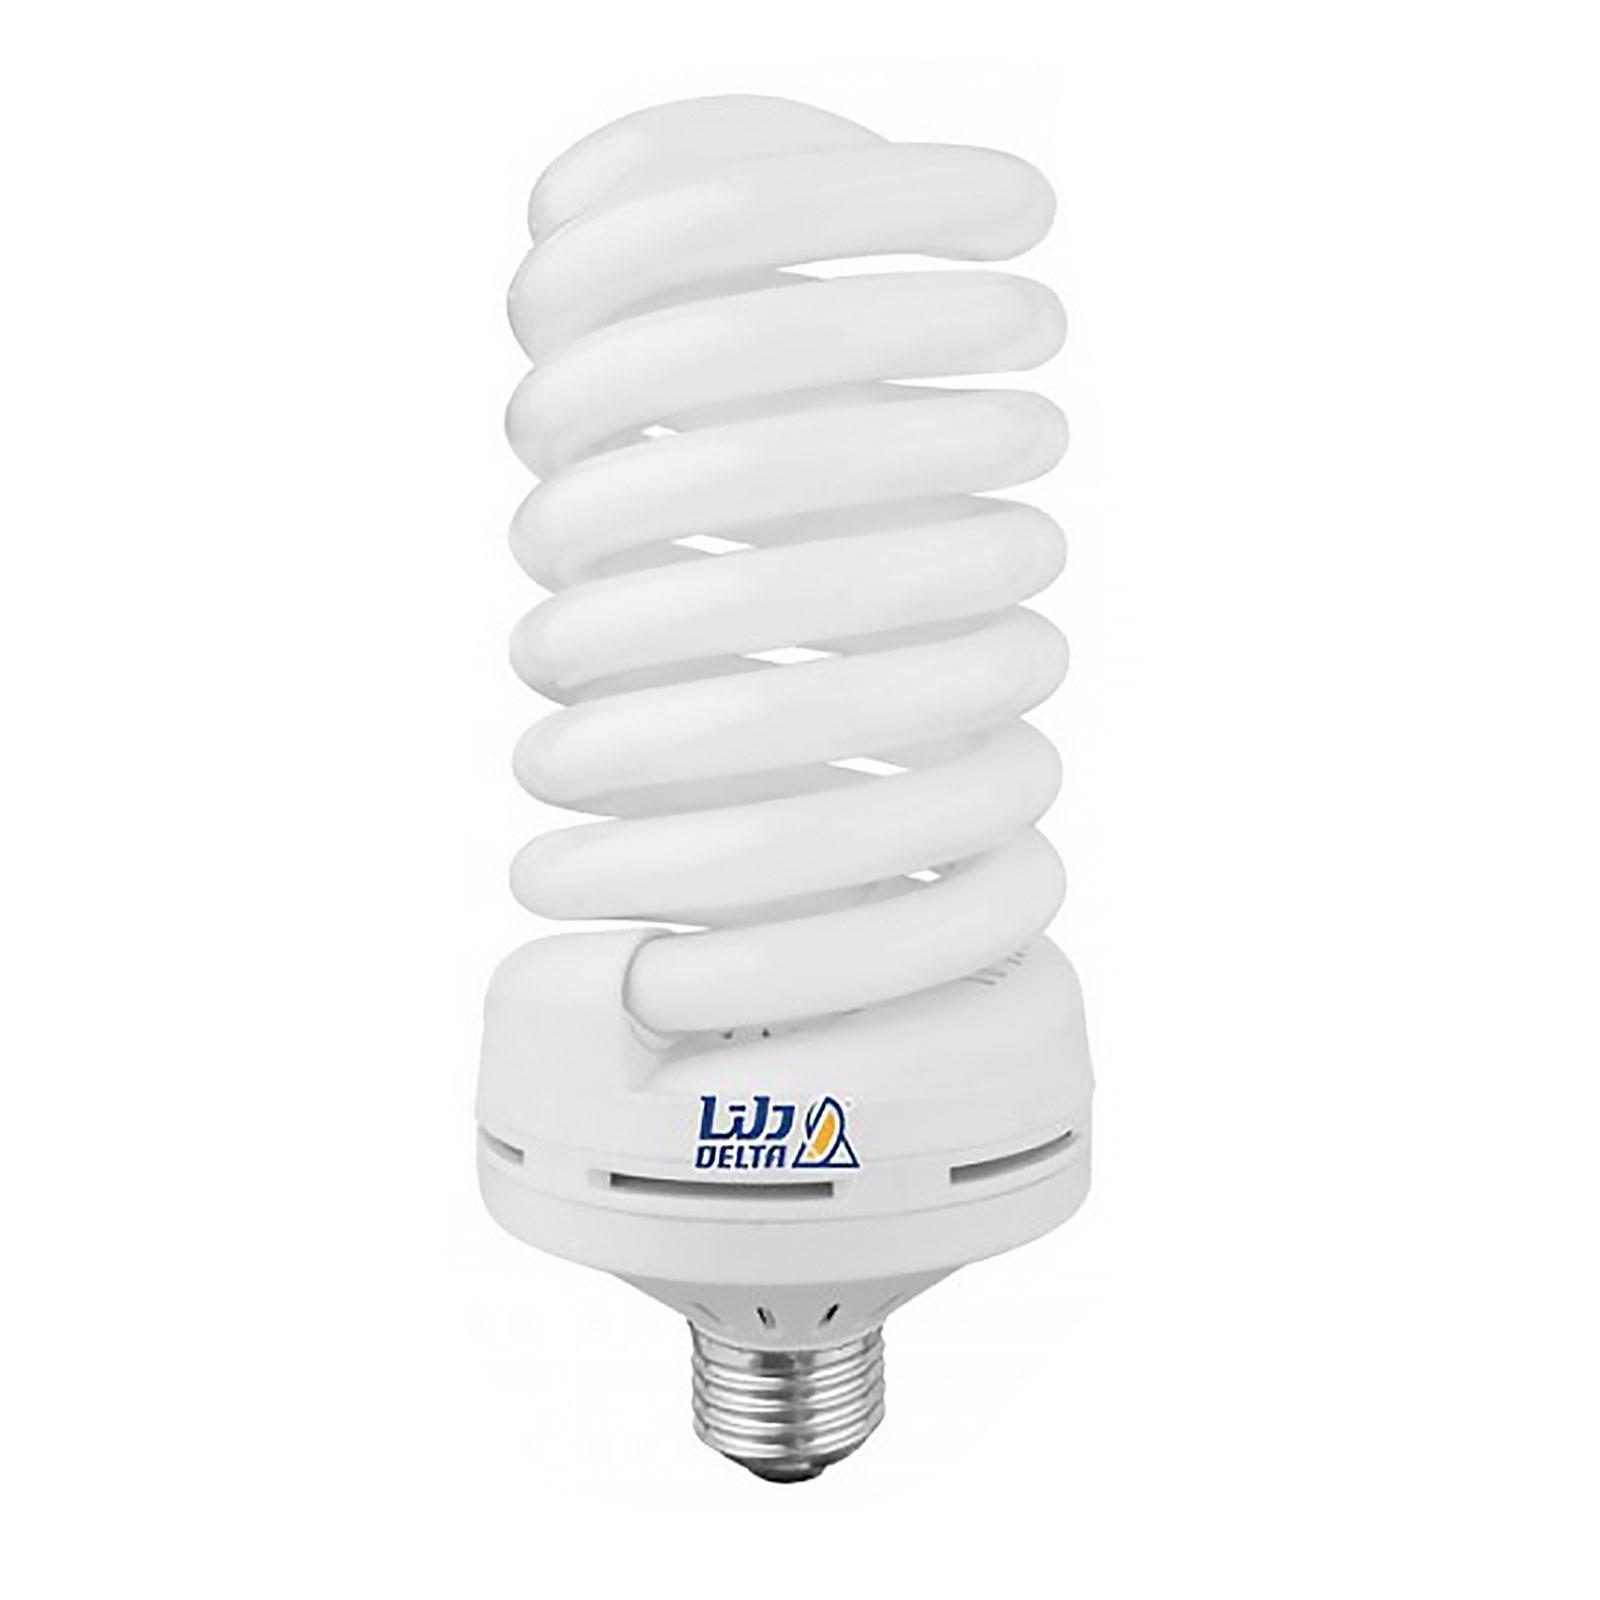 تصویر لامپ کم مصرف 80 وات فول پیچ دلتا